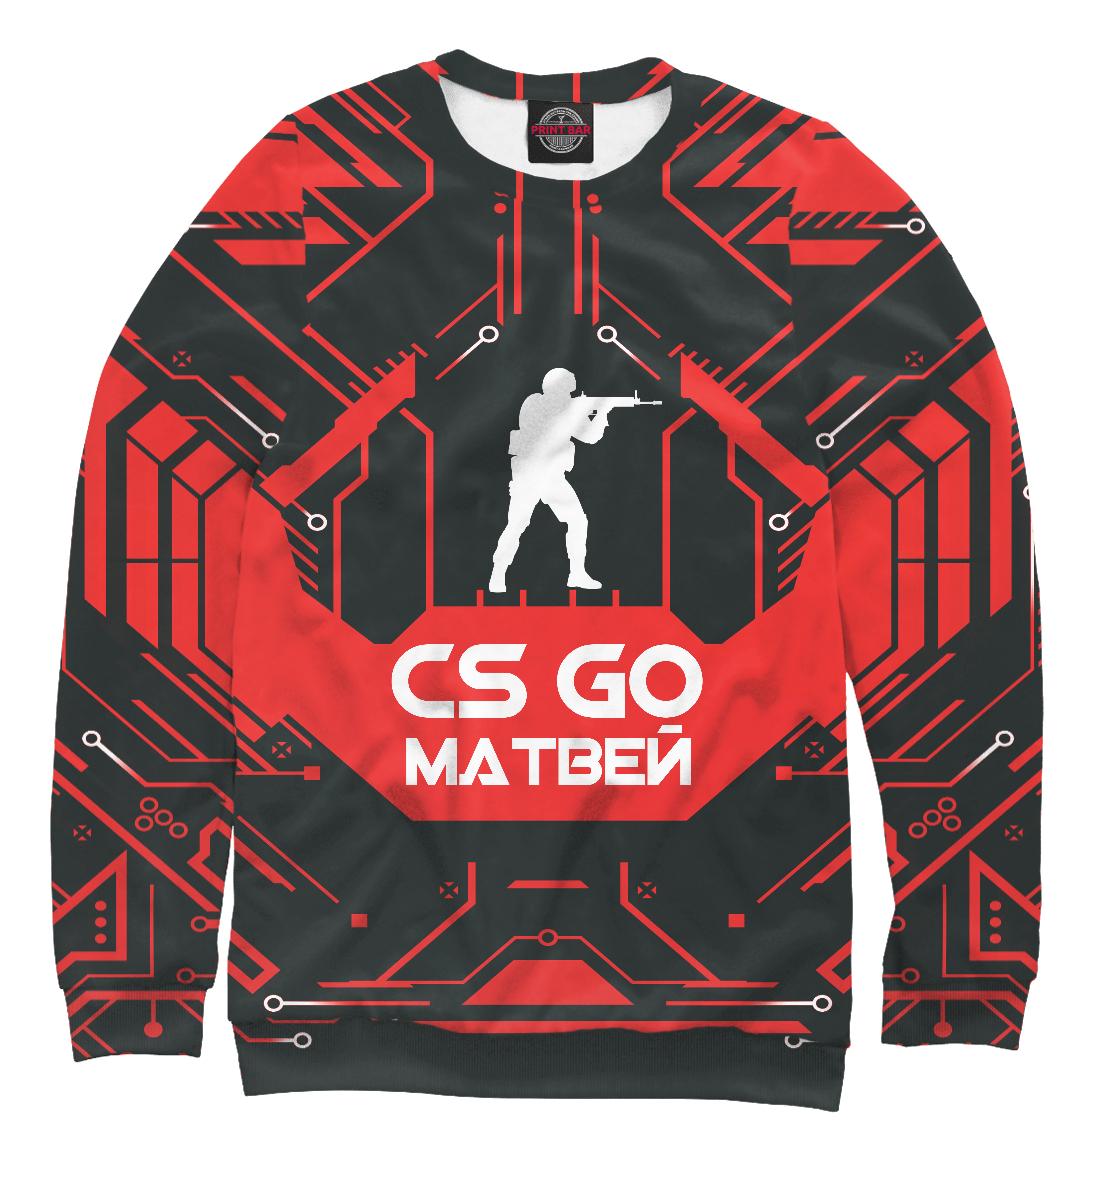 Купить Матвей в стиле CS GO, Printbar, Свитшоты, IMR-665492-swi-1